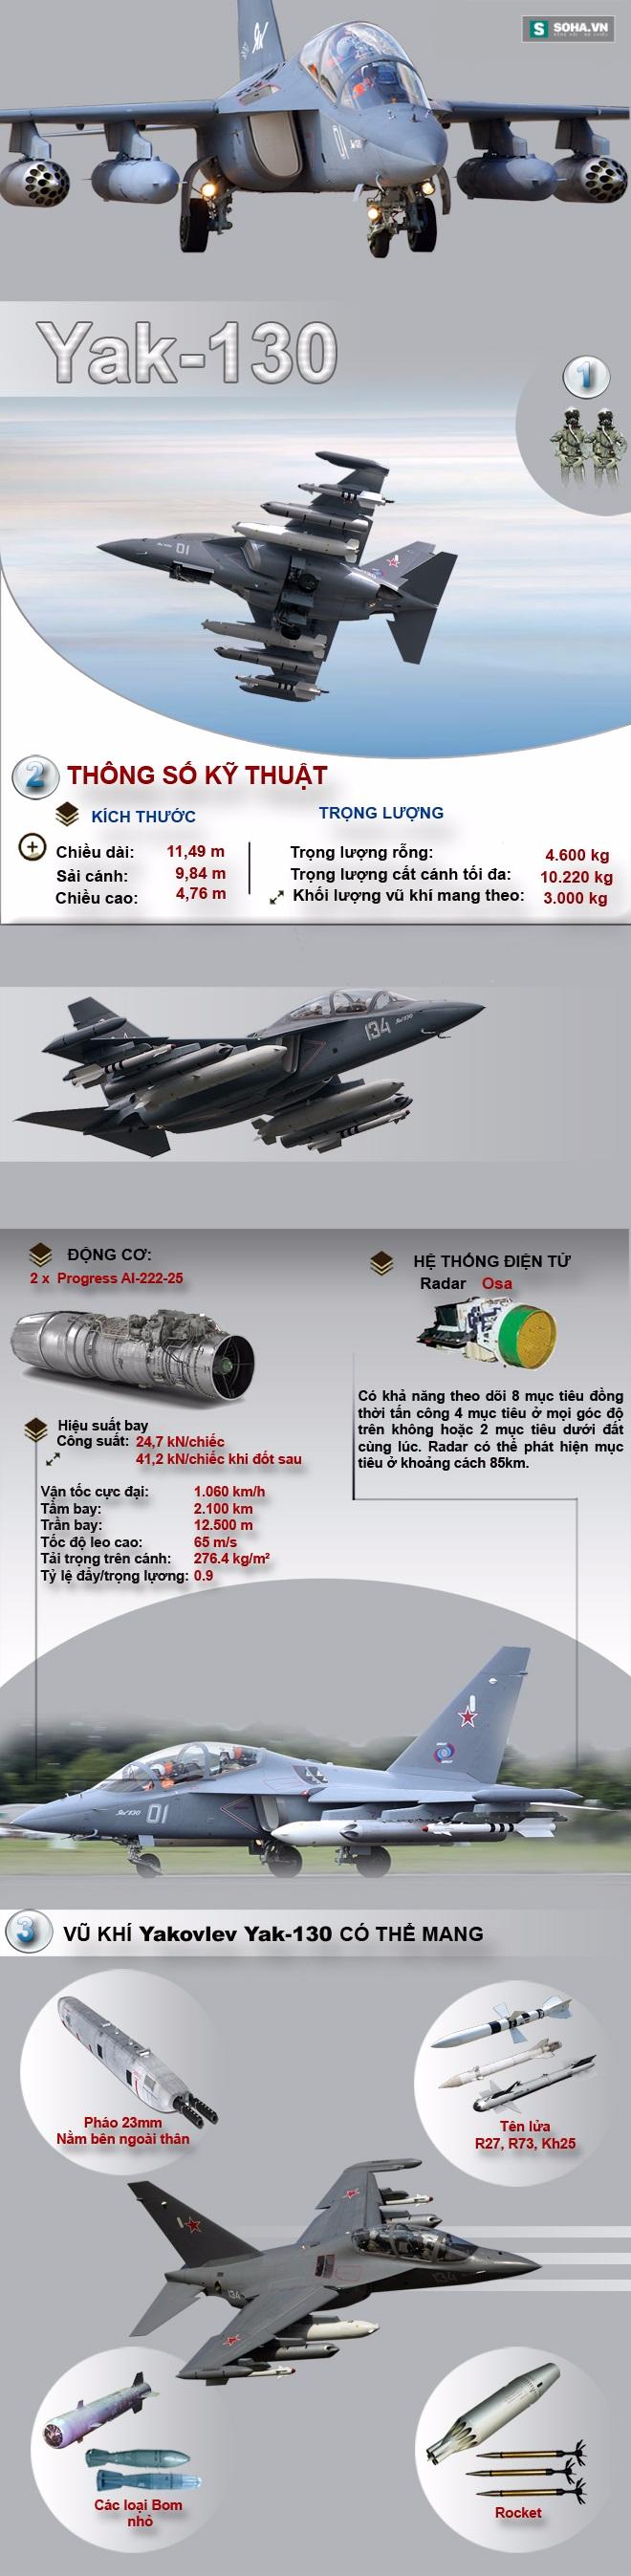 Ứng viên số 1 cho vị trí máy bay huấn luyện thế hệ mới của KQVN - Ảnh 1.